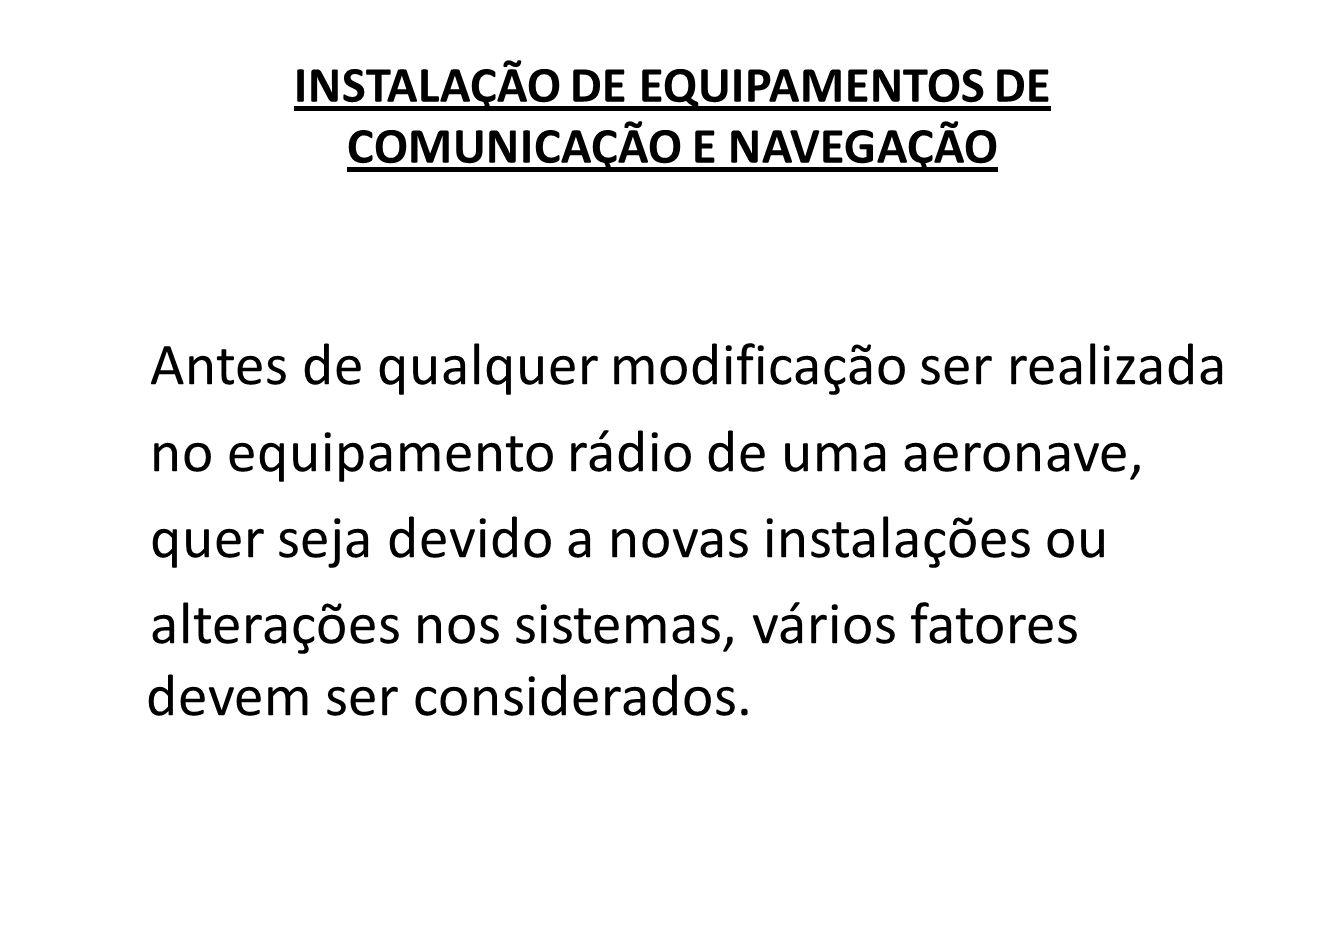 INSTALAÇÃO DE EQUIPAMENTOS DE COMUNICAÇÃO E NAVEGAÇÃO